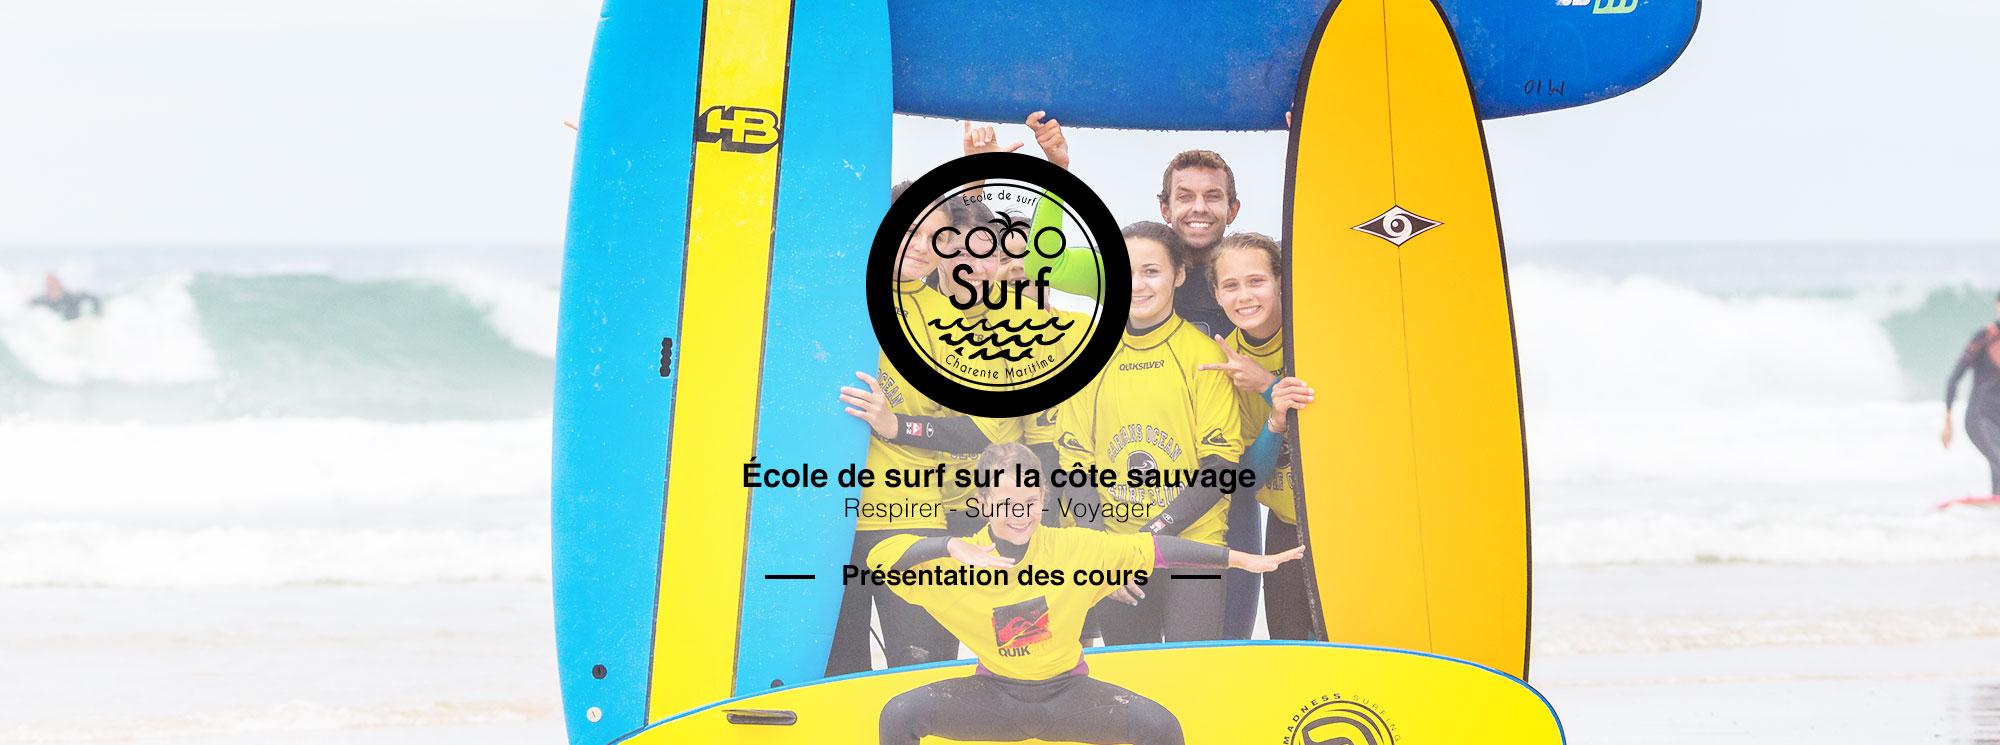 Slide présentation des cours Coco Surf